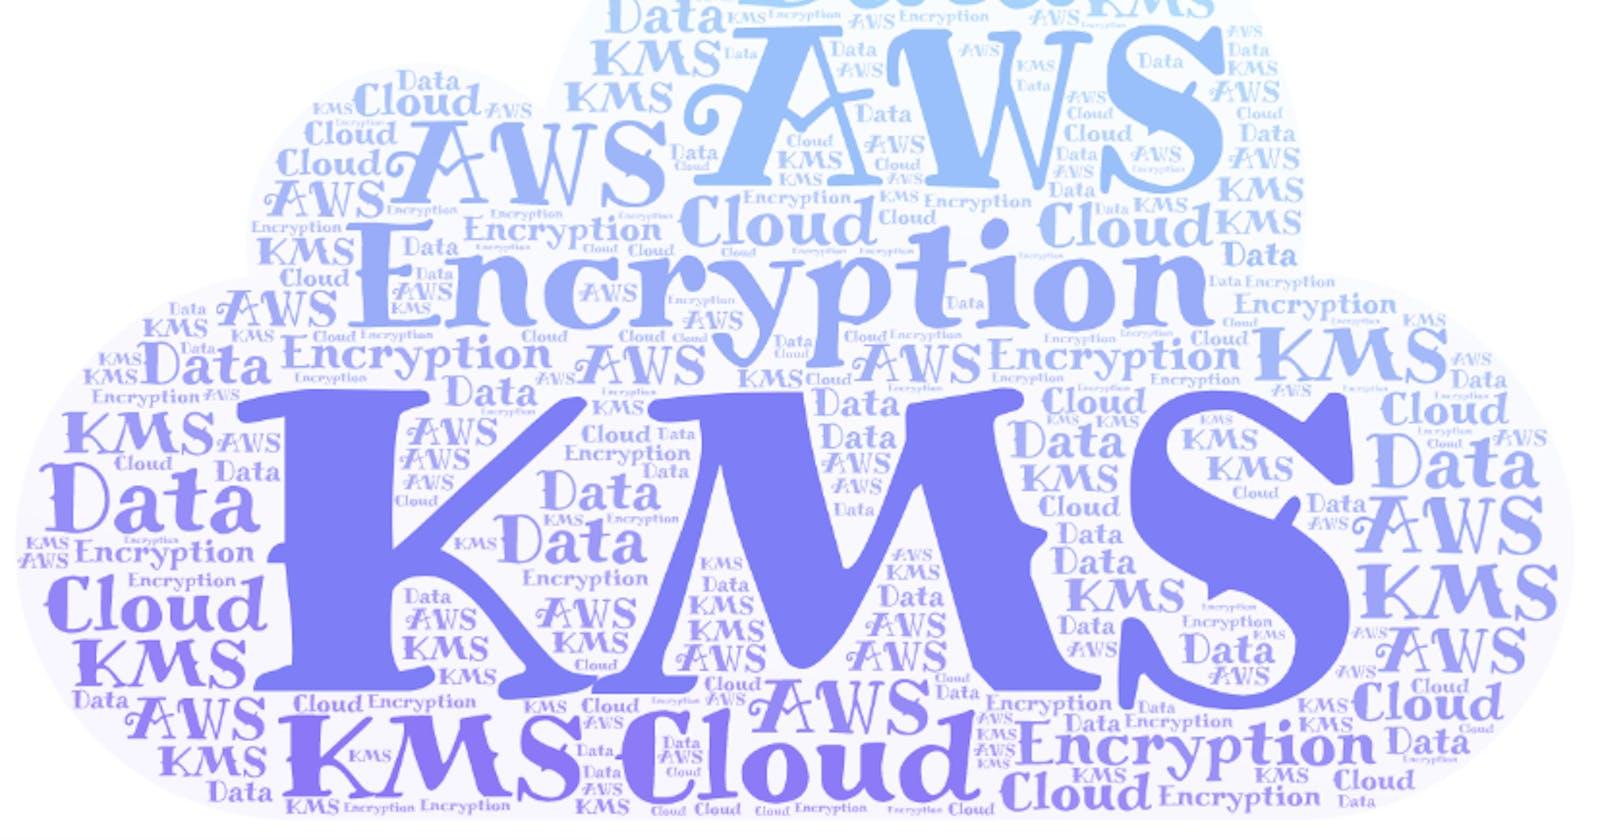 KMS Server side encryption